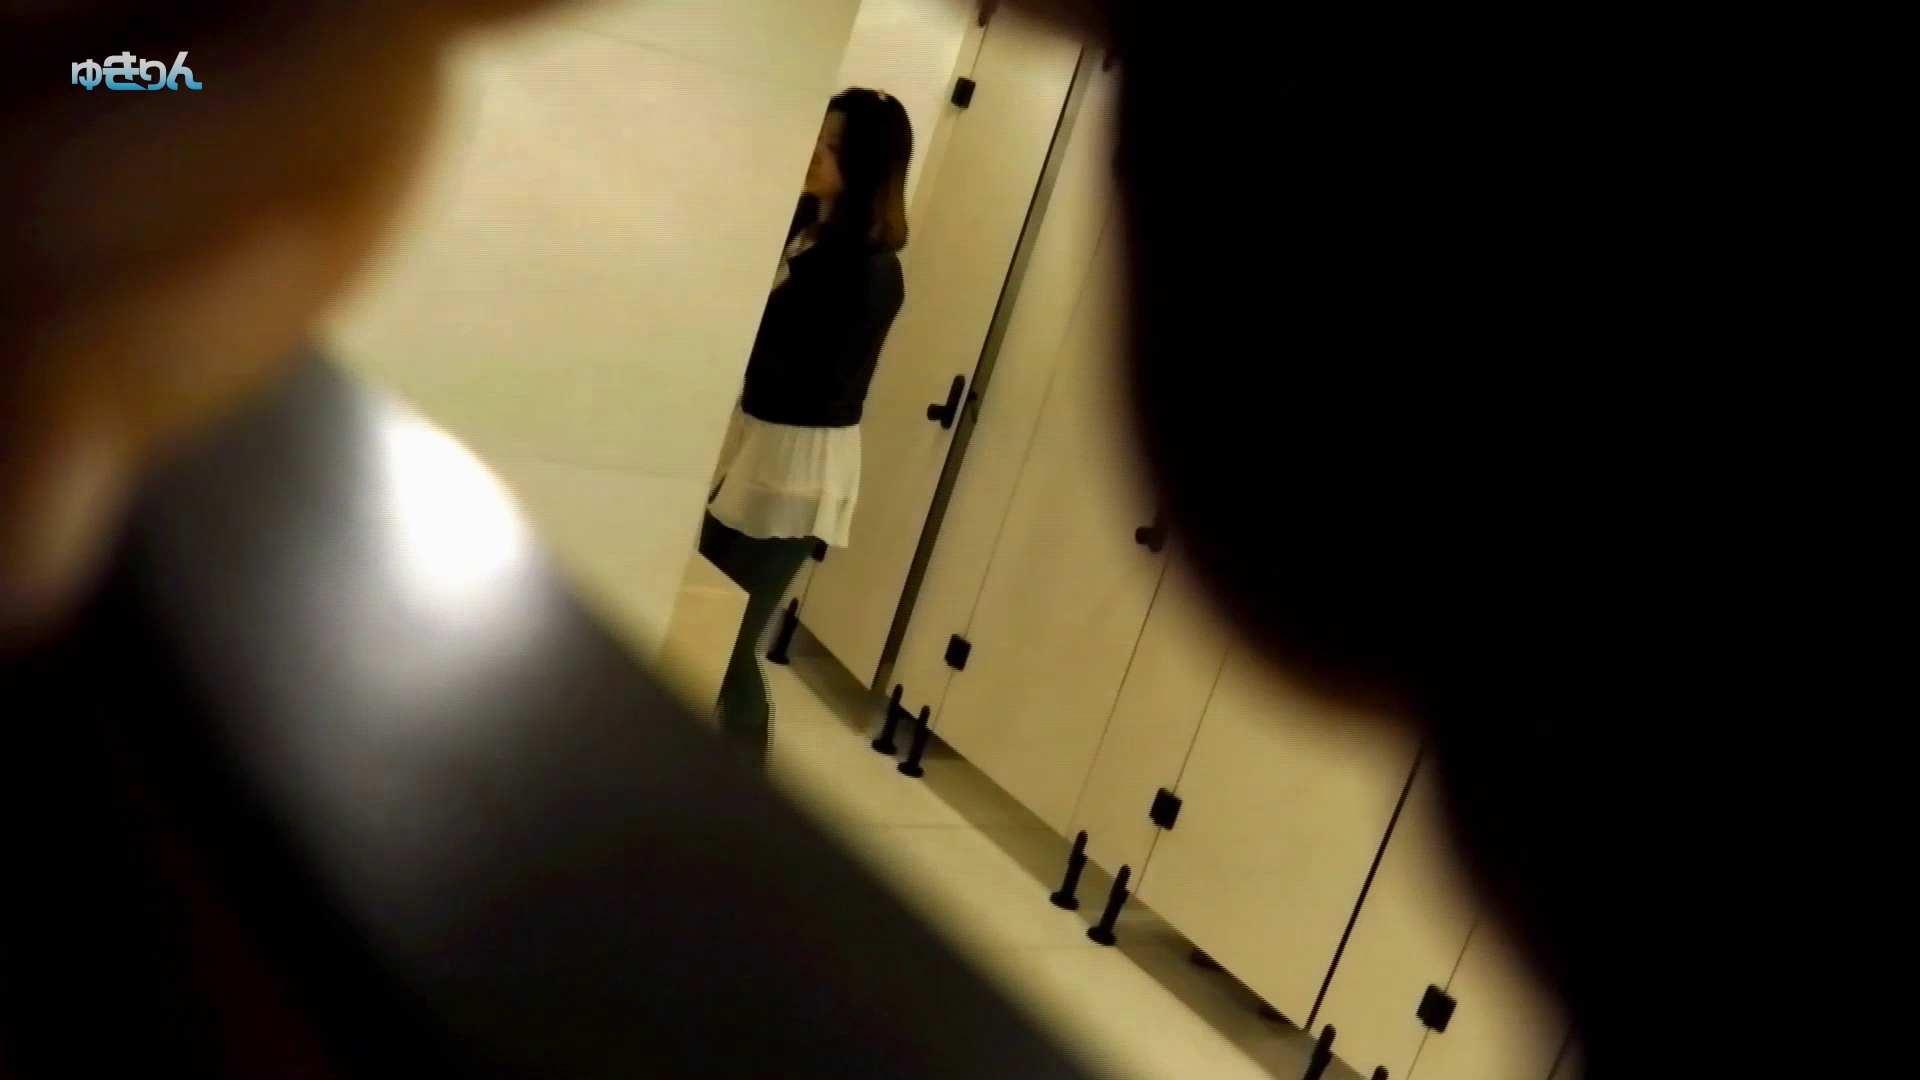 新世界の射窓 No81 制月反さん登場!! お姉さん攻略 すけべAV動画紹介 106画像 94